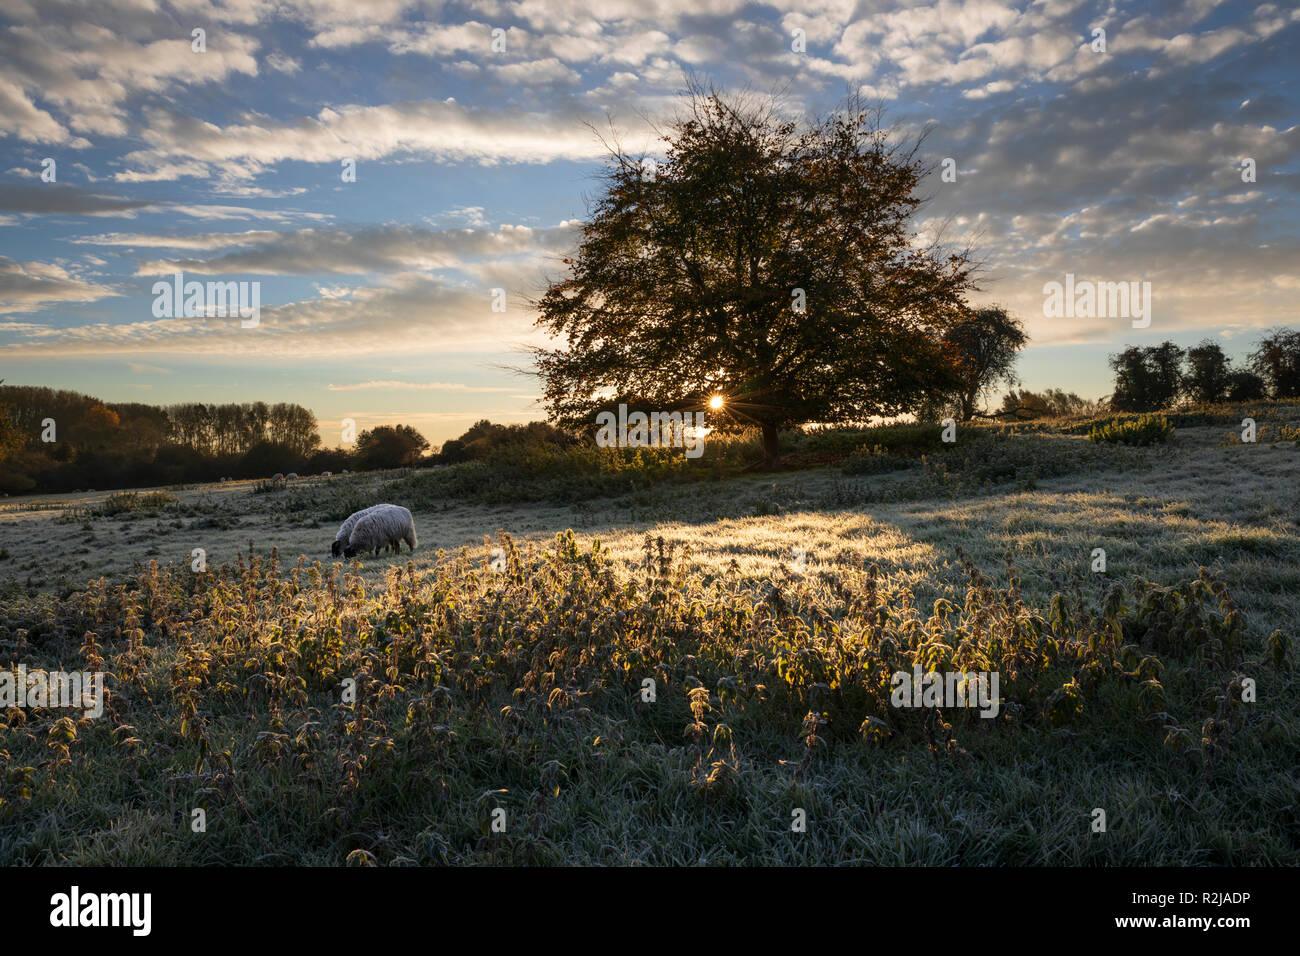 Pecora che pascola nel campo ghiacciato all'alba con struttura retroilluminata e ortica, Chipping Campden, Cotswolds, Gloucestershire, England, Regno Unito, Europa Immagini Stock